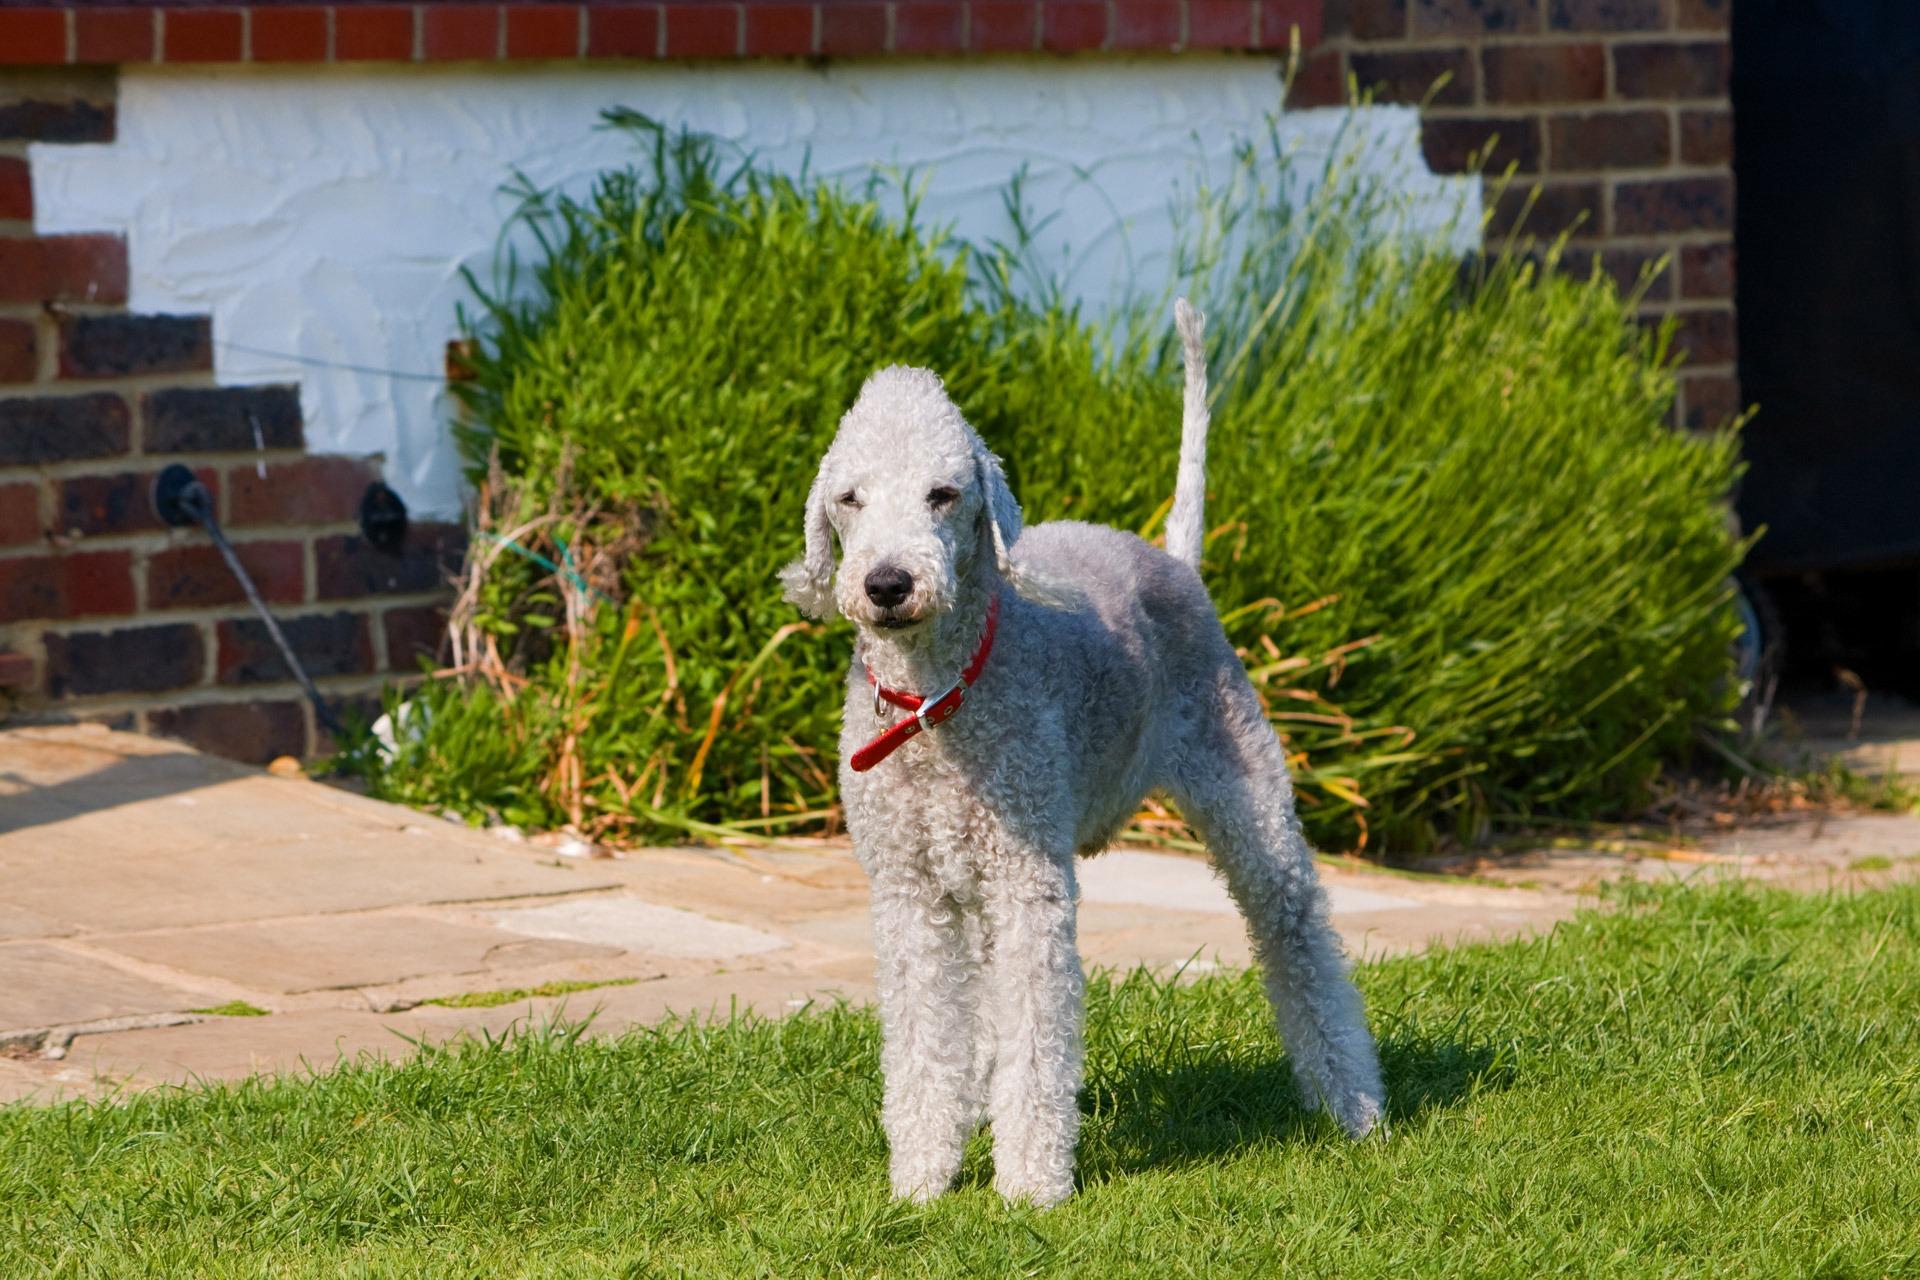 Witte hondenrassen - Bedlington Terrier